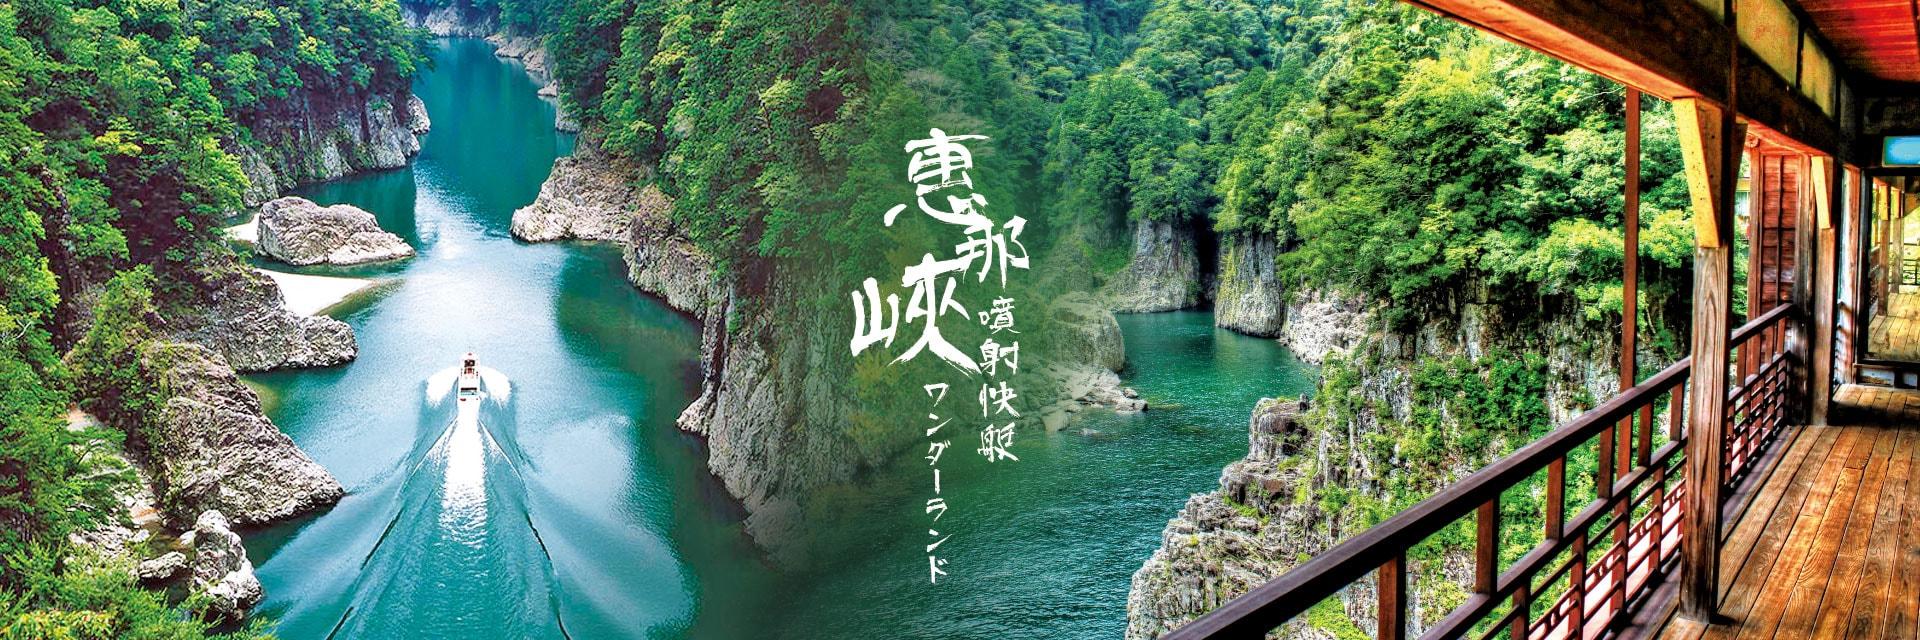 上順旅遊、日本旅遊、惠那峽